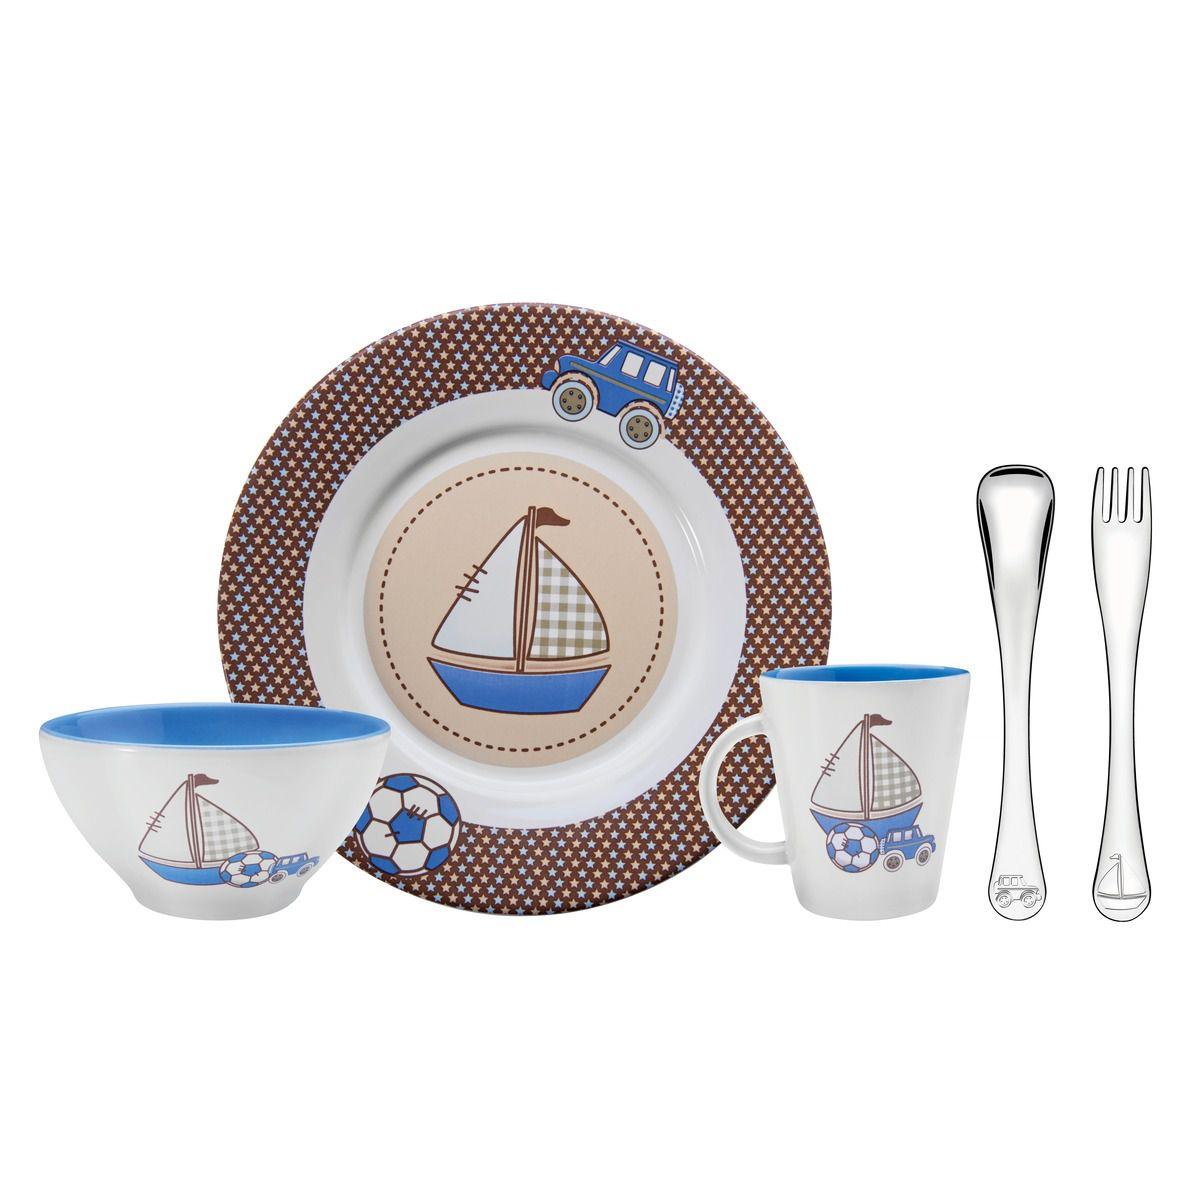 Kit Infantil Tramontina para Refeição Azul em Cerâmica e Aço Inox 5 Peças 64250/620   Lojas Estrela